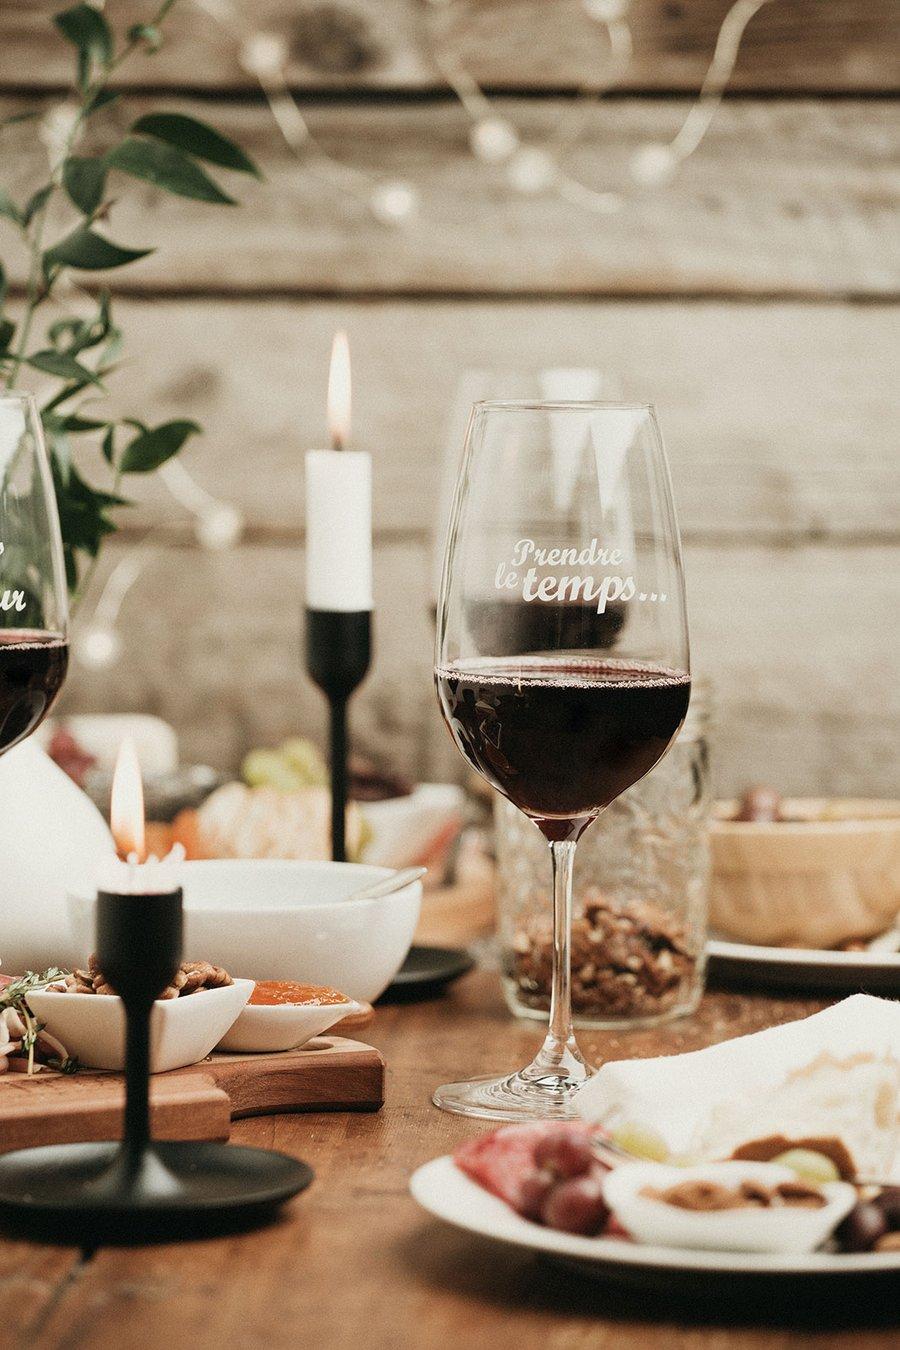 Cliquez ici pour acheter Verre à vin – Prendre le temps